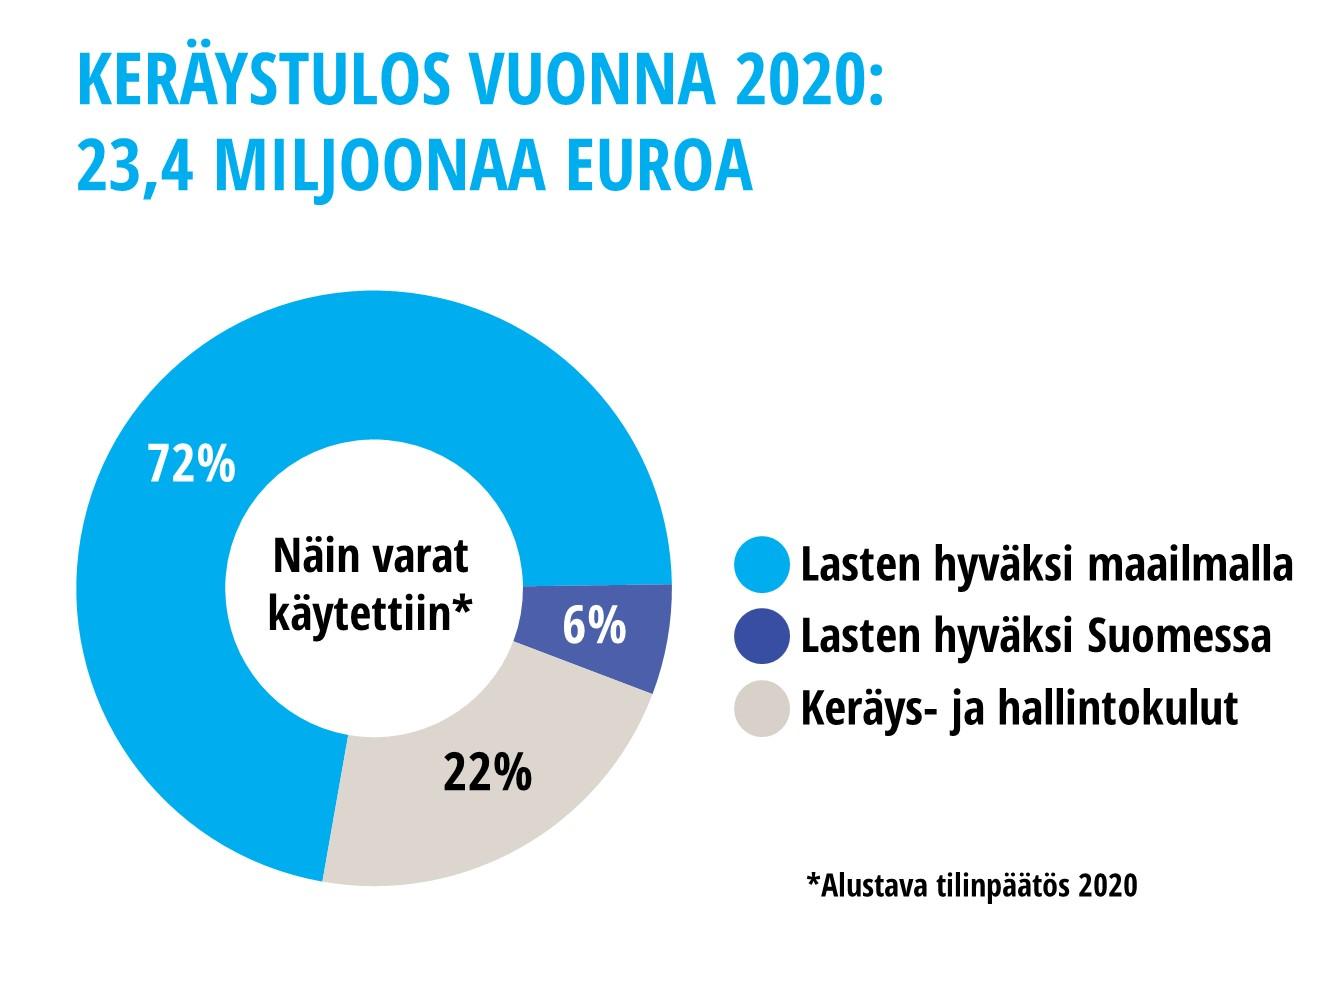 Infografiikka: Keräystulos vuonna 2020 oli 23,4 miljoonaa euroa. Näin rahat käytettiin: 72 prosenttia lasten hyväksi maailmalla, 6 prosenttia lasten hyväksi Suomessa ja 22 prosenttia keräys- ja hallintokuluihin. Luvut perustuvat alustavaan tilinpäätökseen.